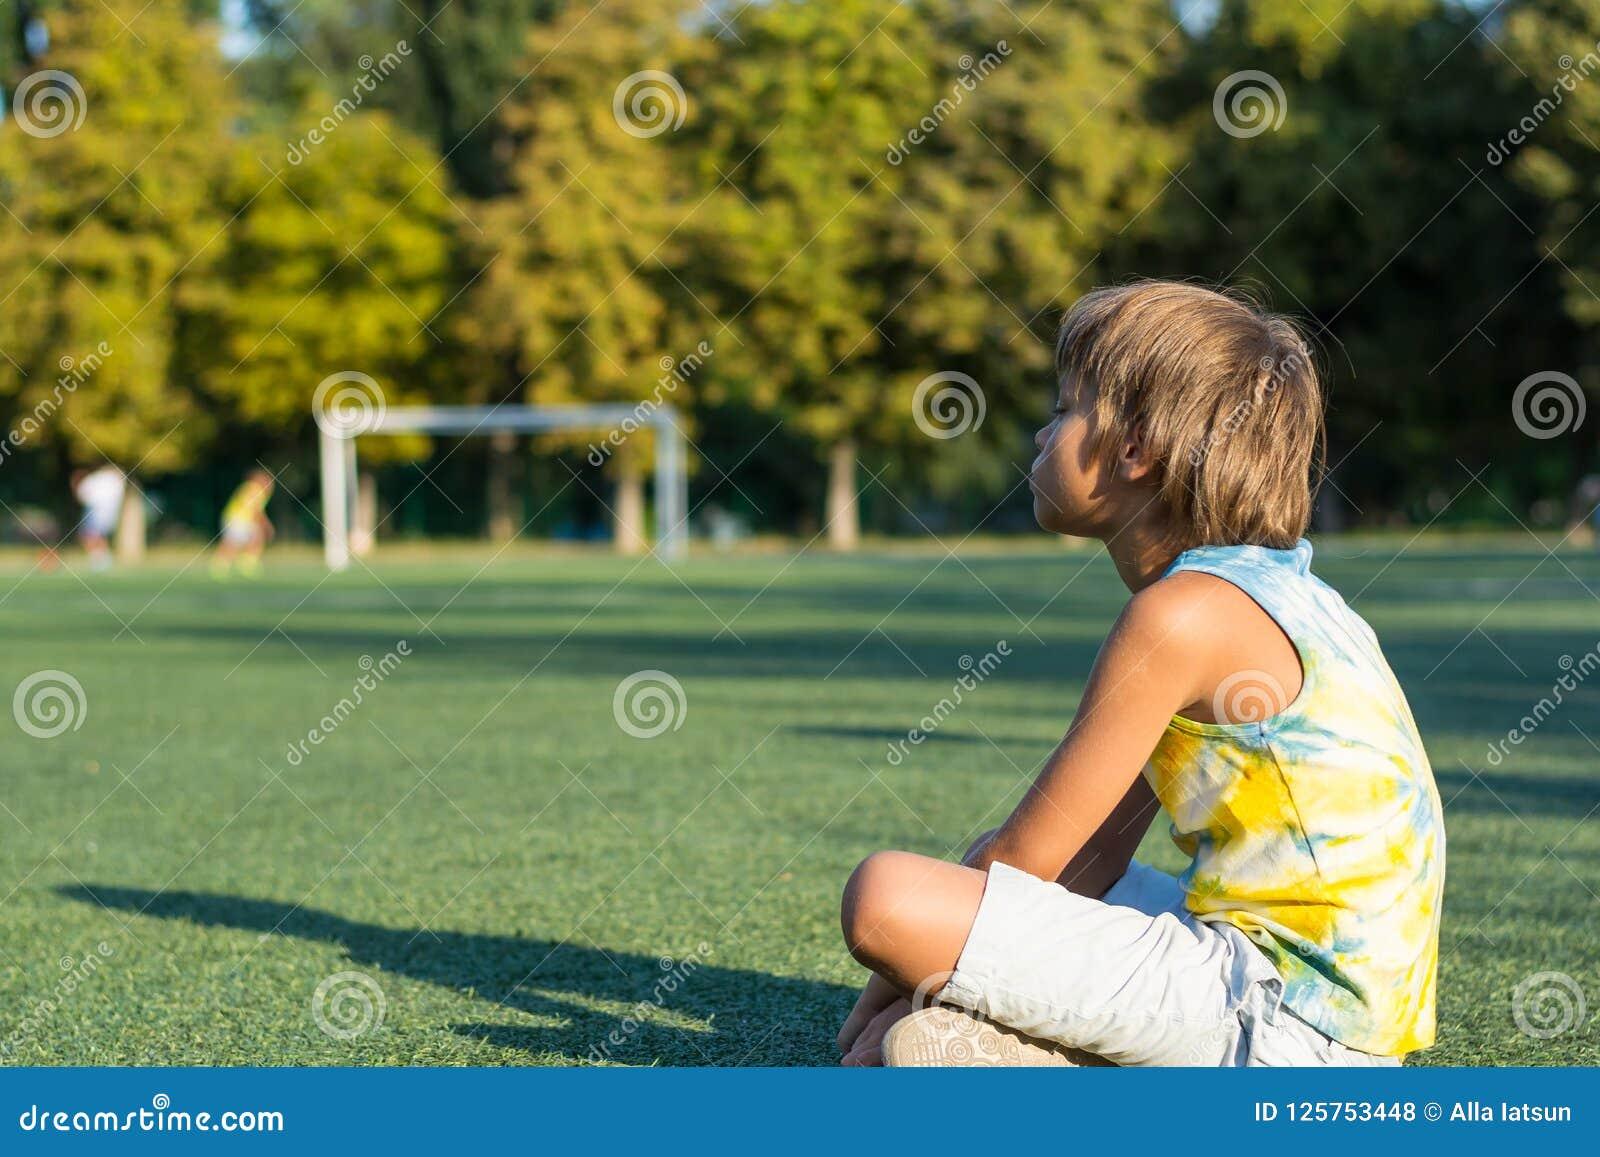 男孩坐草在体育场和手表的边缘